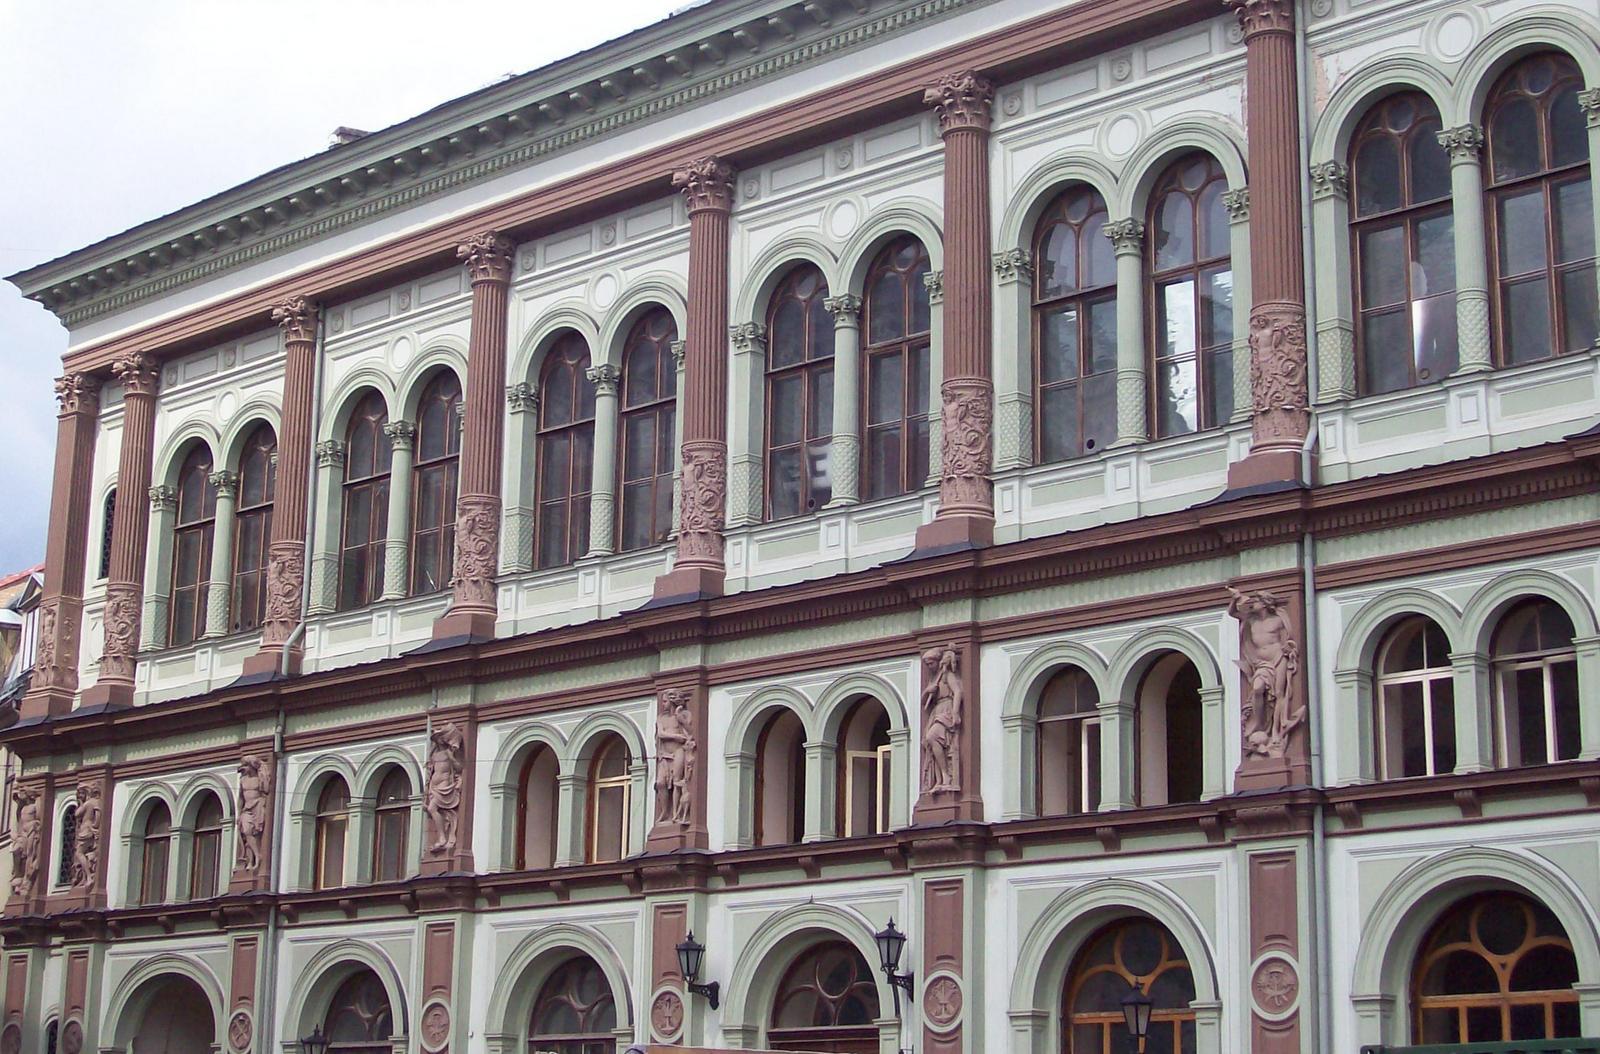 Ehemalige Börse, Riga